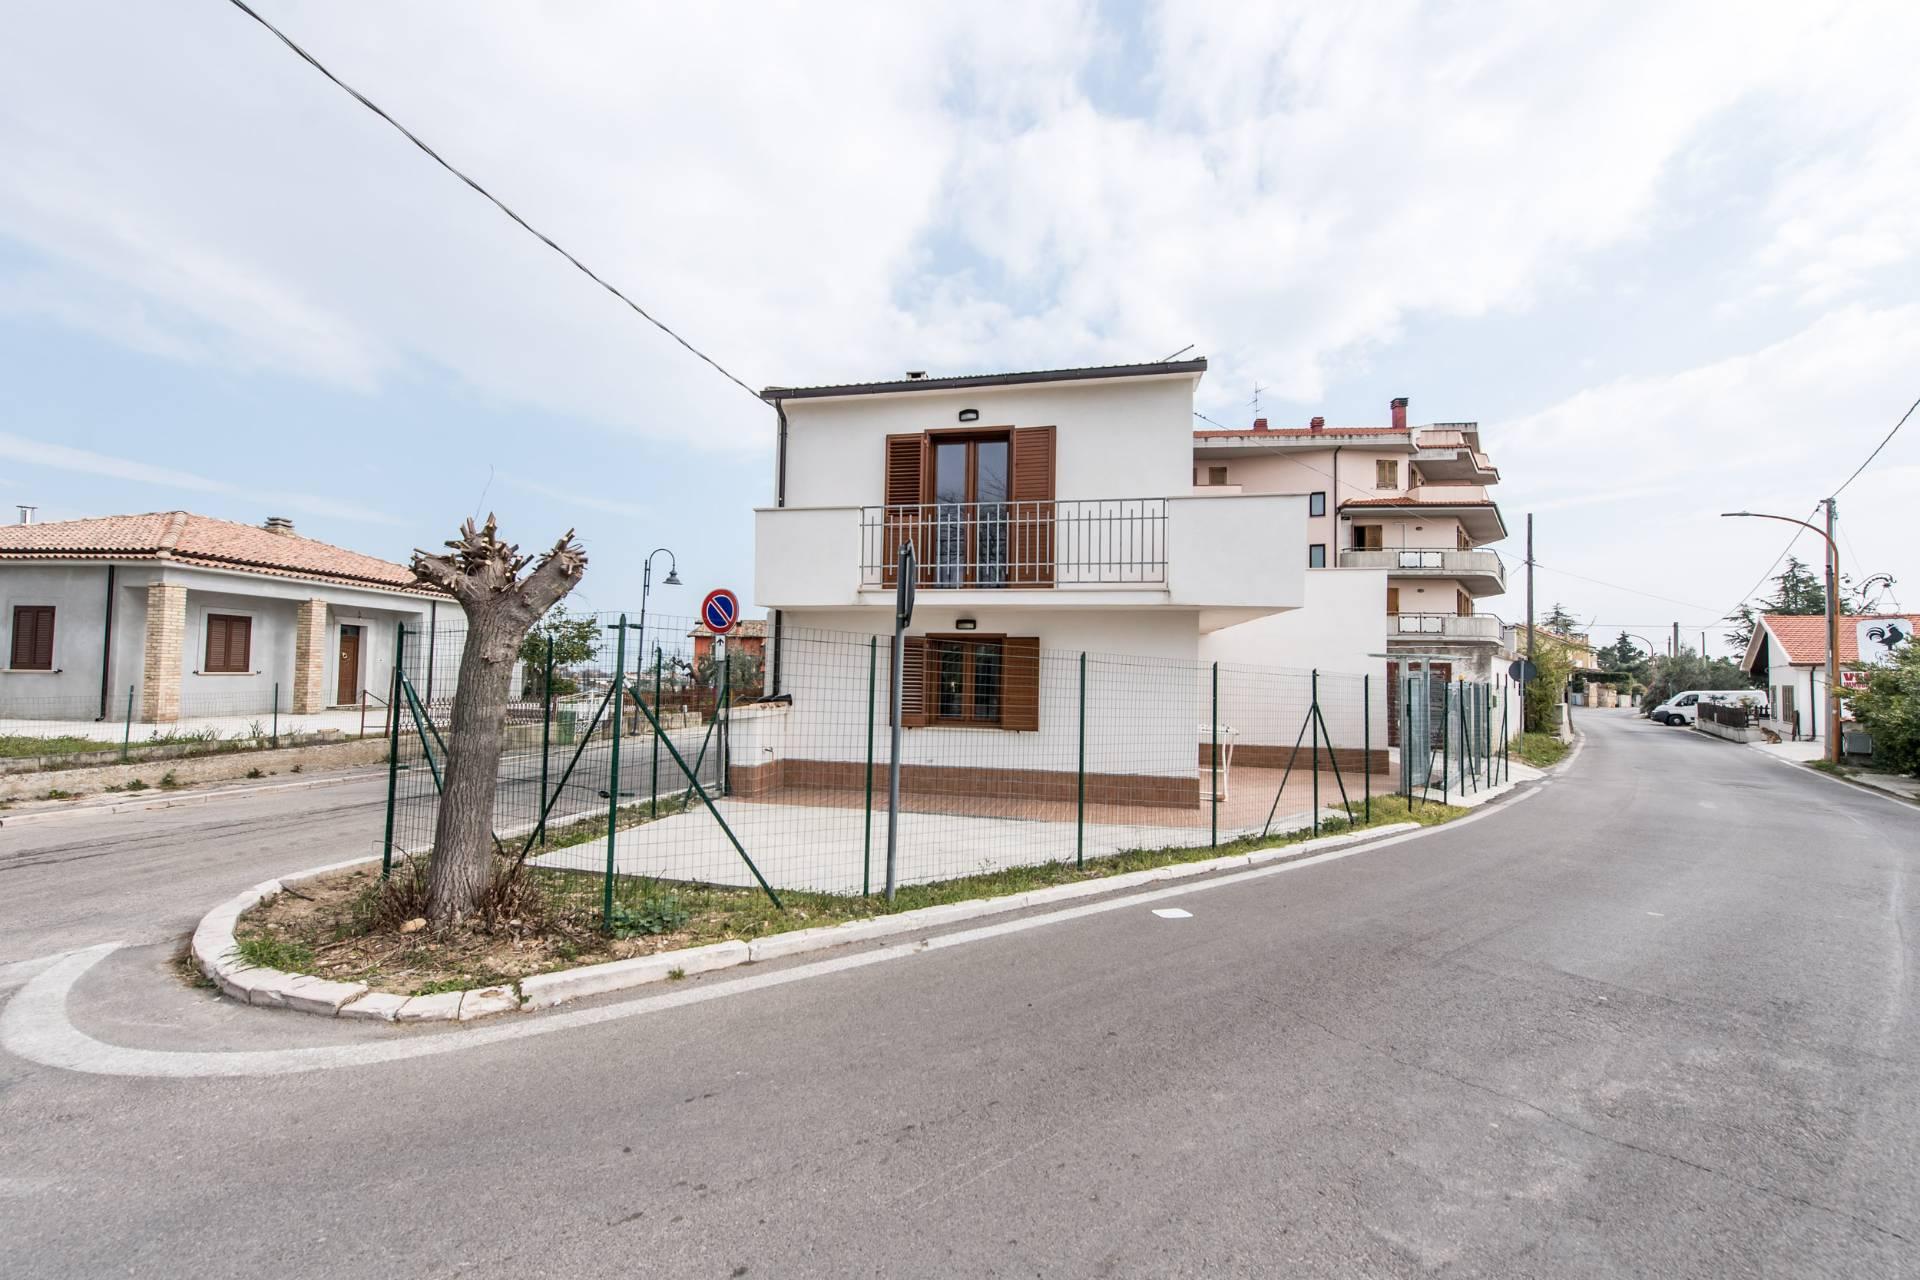 Soluzione Indipendente in vendita a Torrevecchia Teatina, 6 locali, prezzo € 145.000 | CambioCasa.it